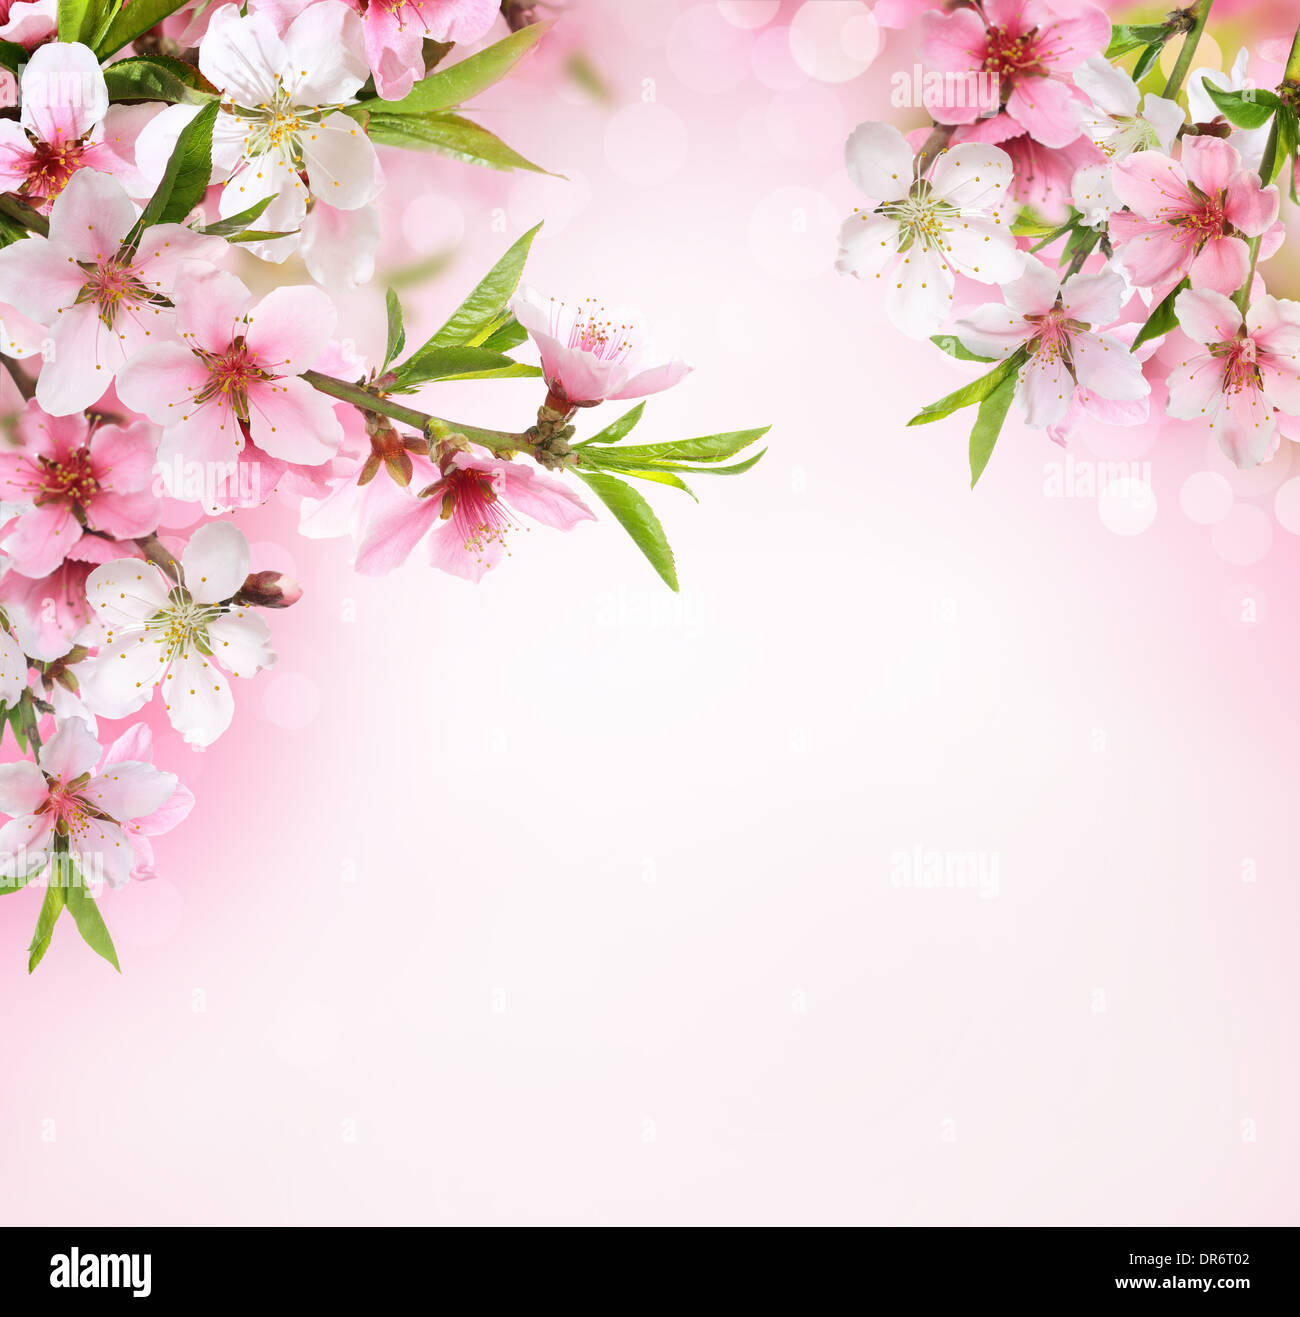 Pesca Fiore Blossom Su Sfondo Rosa Foto Immagine Stock 65918722